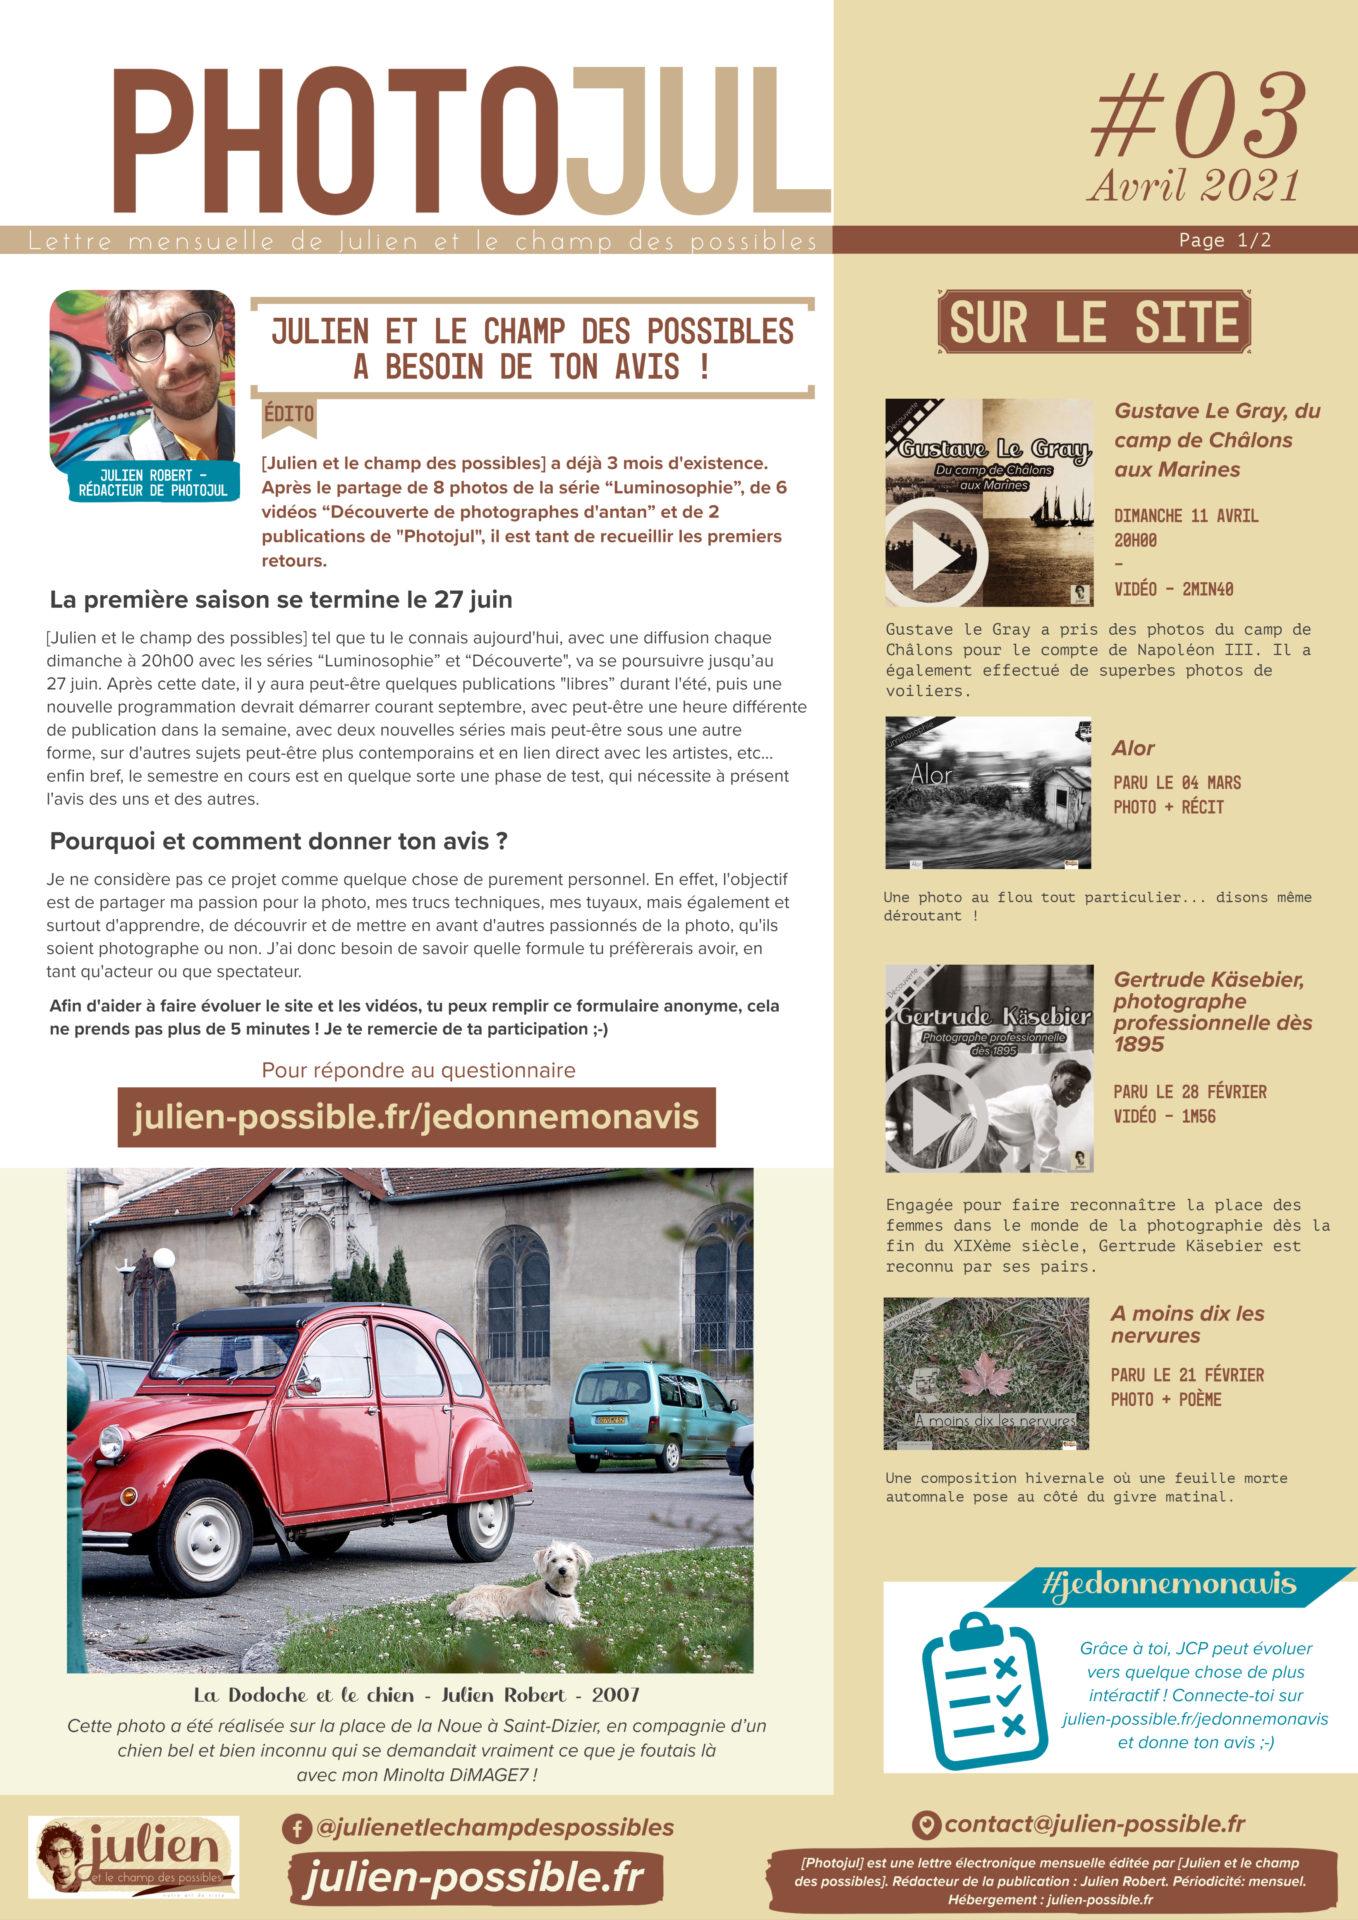 Photojul #03, avril 2021, lettre mensuelle de Julien et le champ des possible, rédacteur Julien Robert, photographe de Châlons-en-Champagne, page 1/2